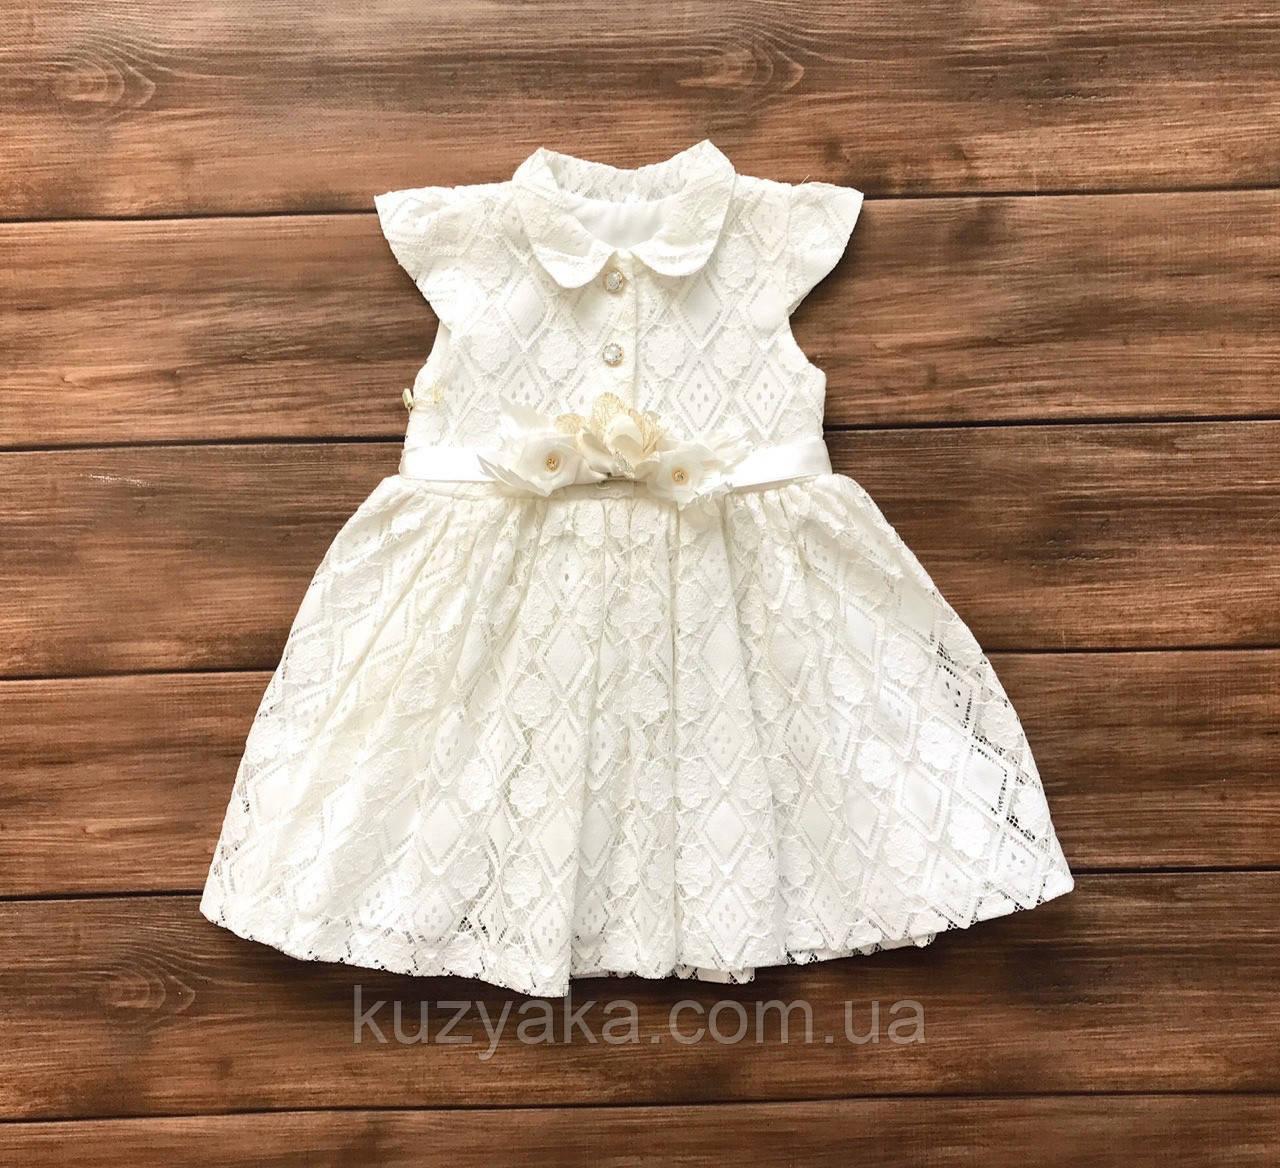 Дитяча святкова сукня на 2-5 років